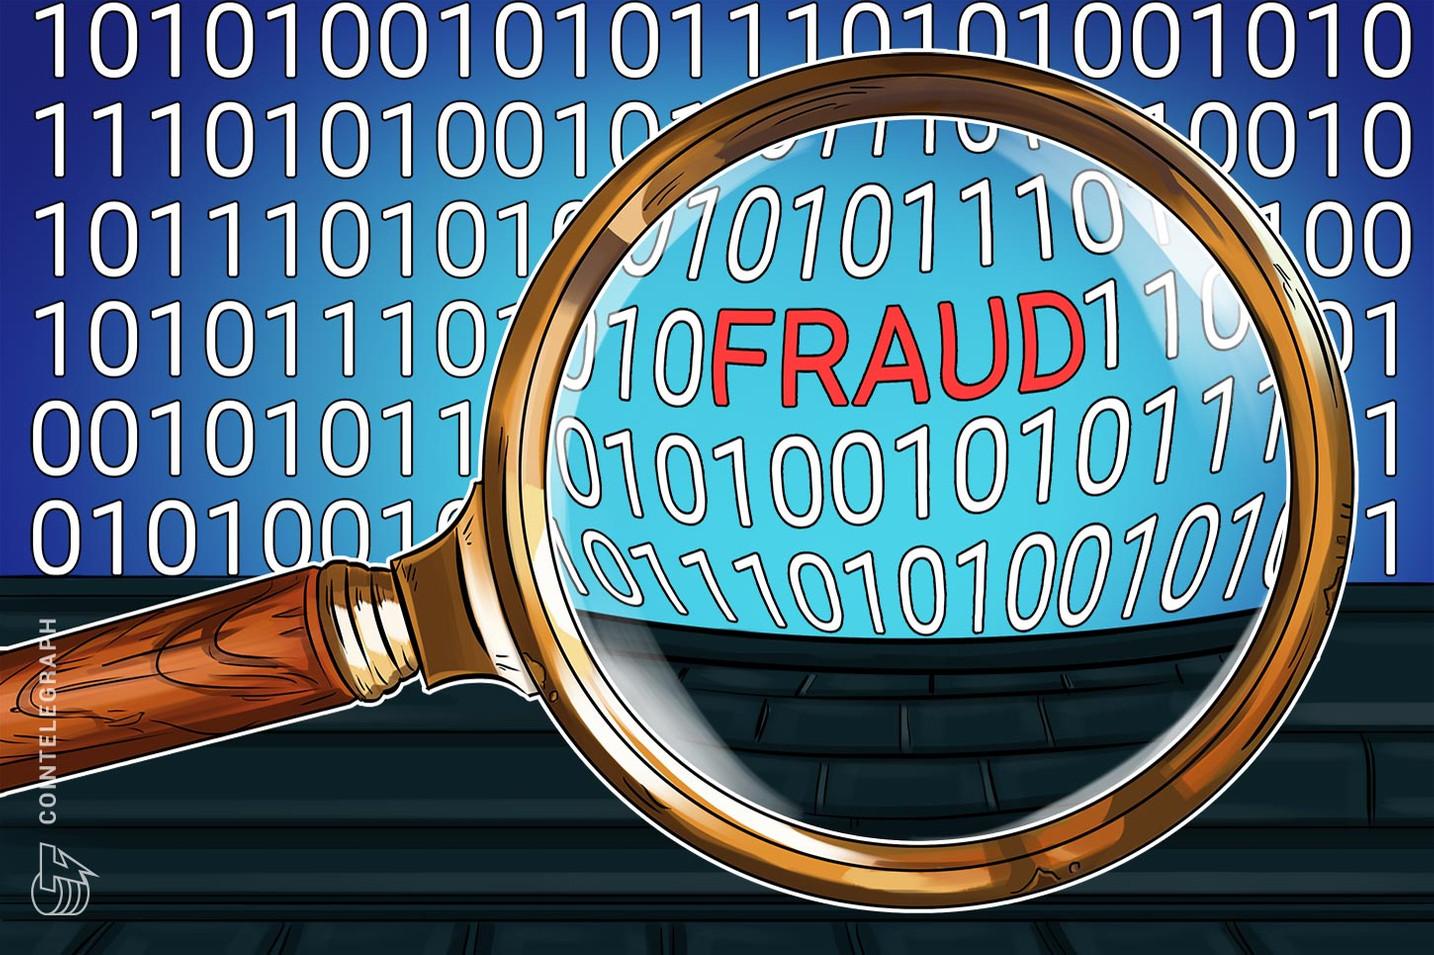 Južna Afrika: Policija istražuje navodnu kripto ponzi šemu koja uključuje 28.000 investitora